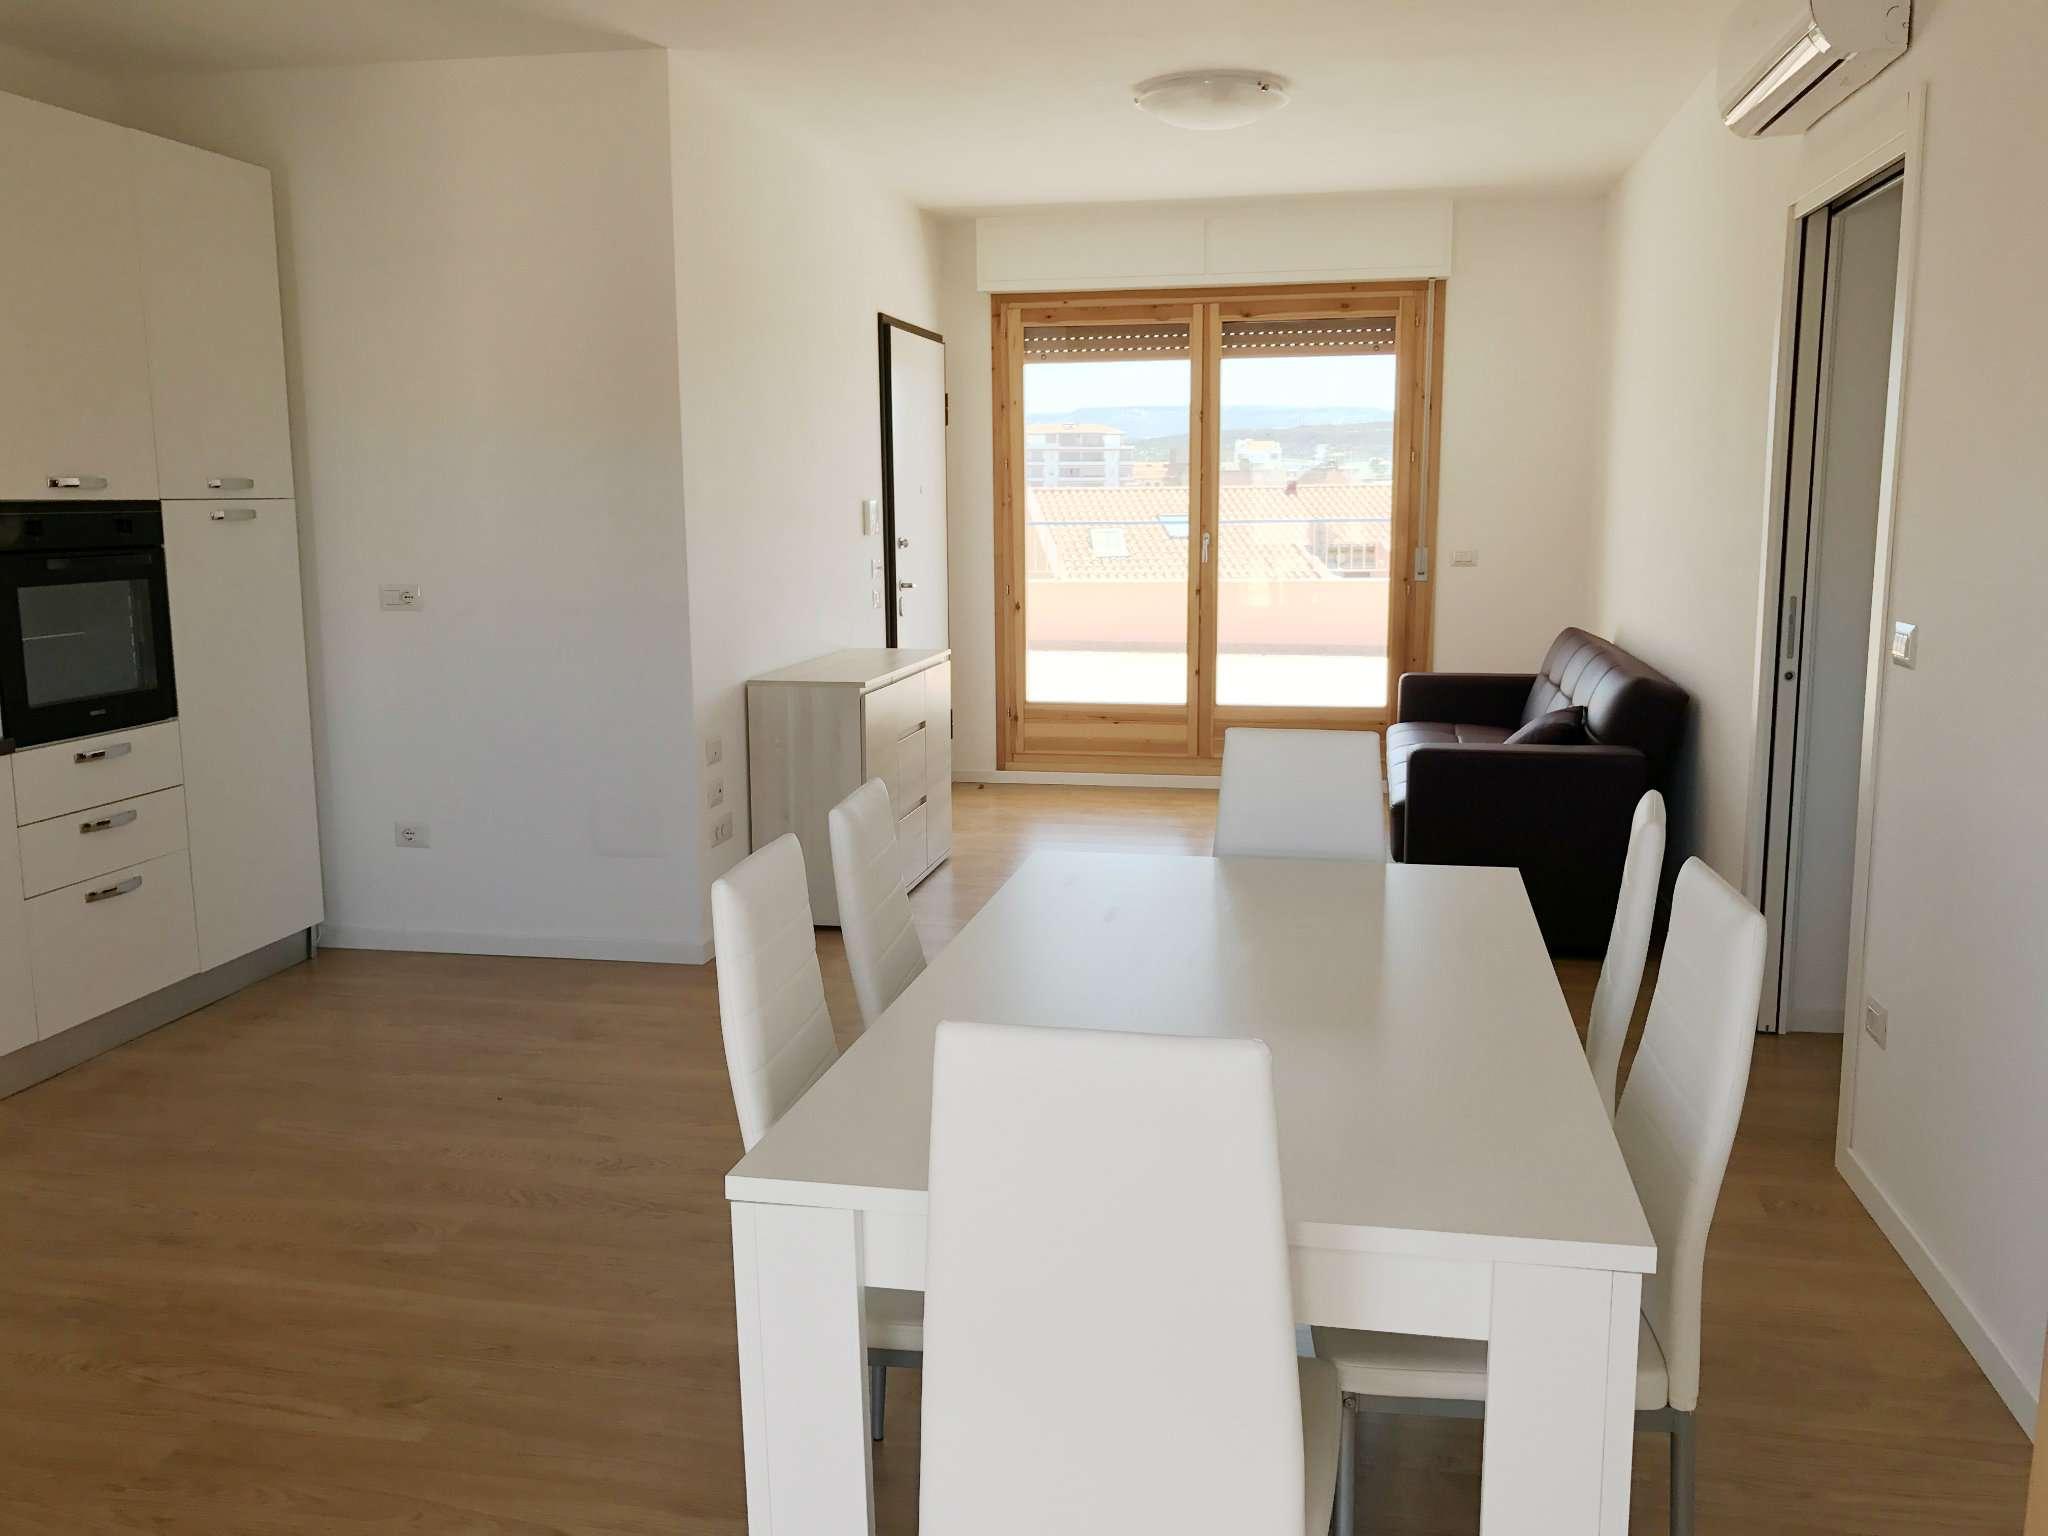 Appartamento in affitto a Alghero, 3 locali, prezzo € 800 | Cambio Casa.it